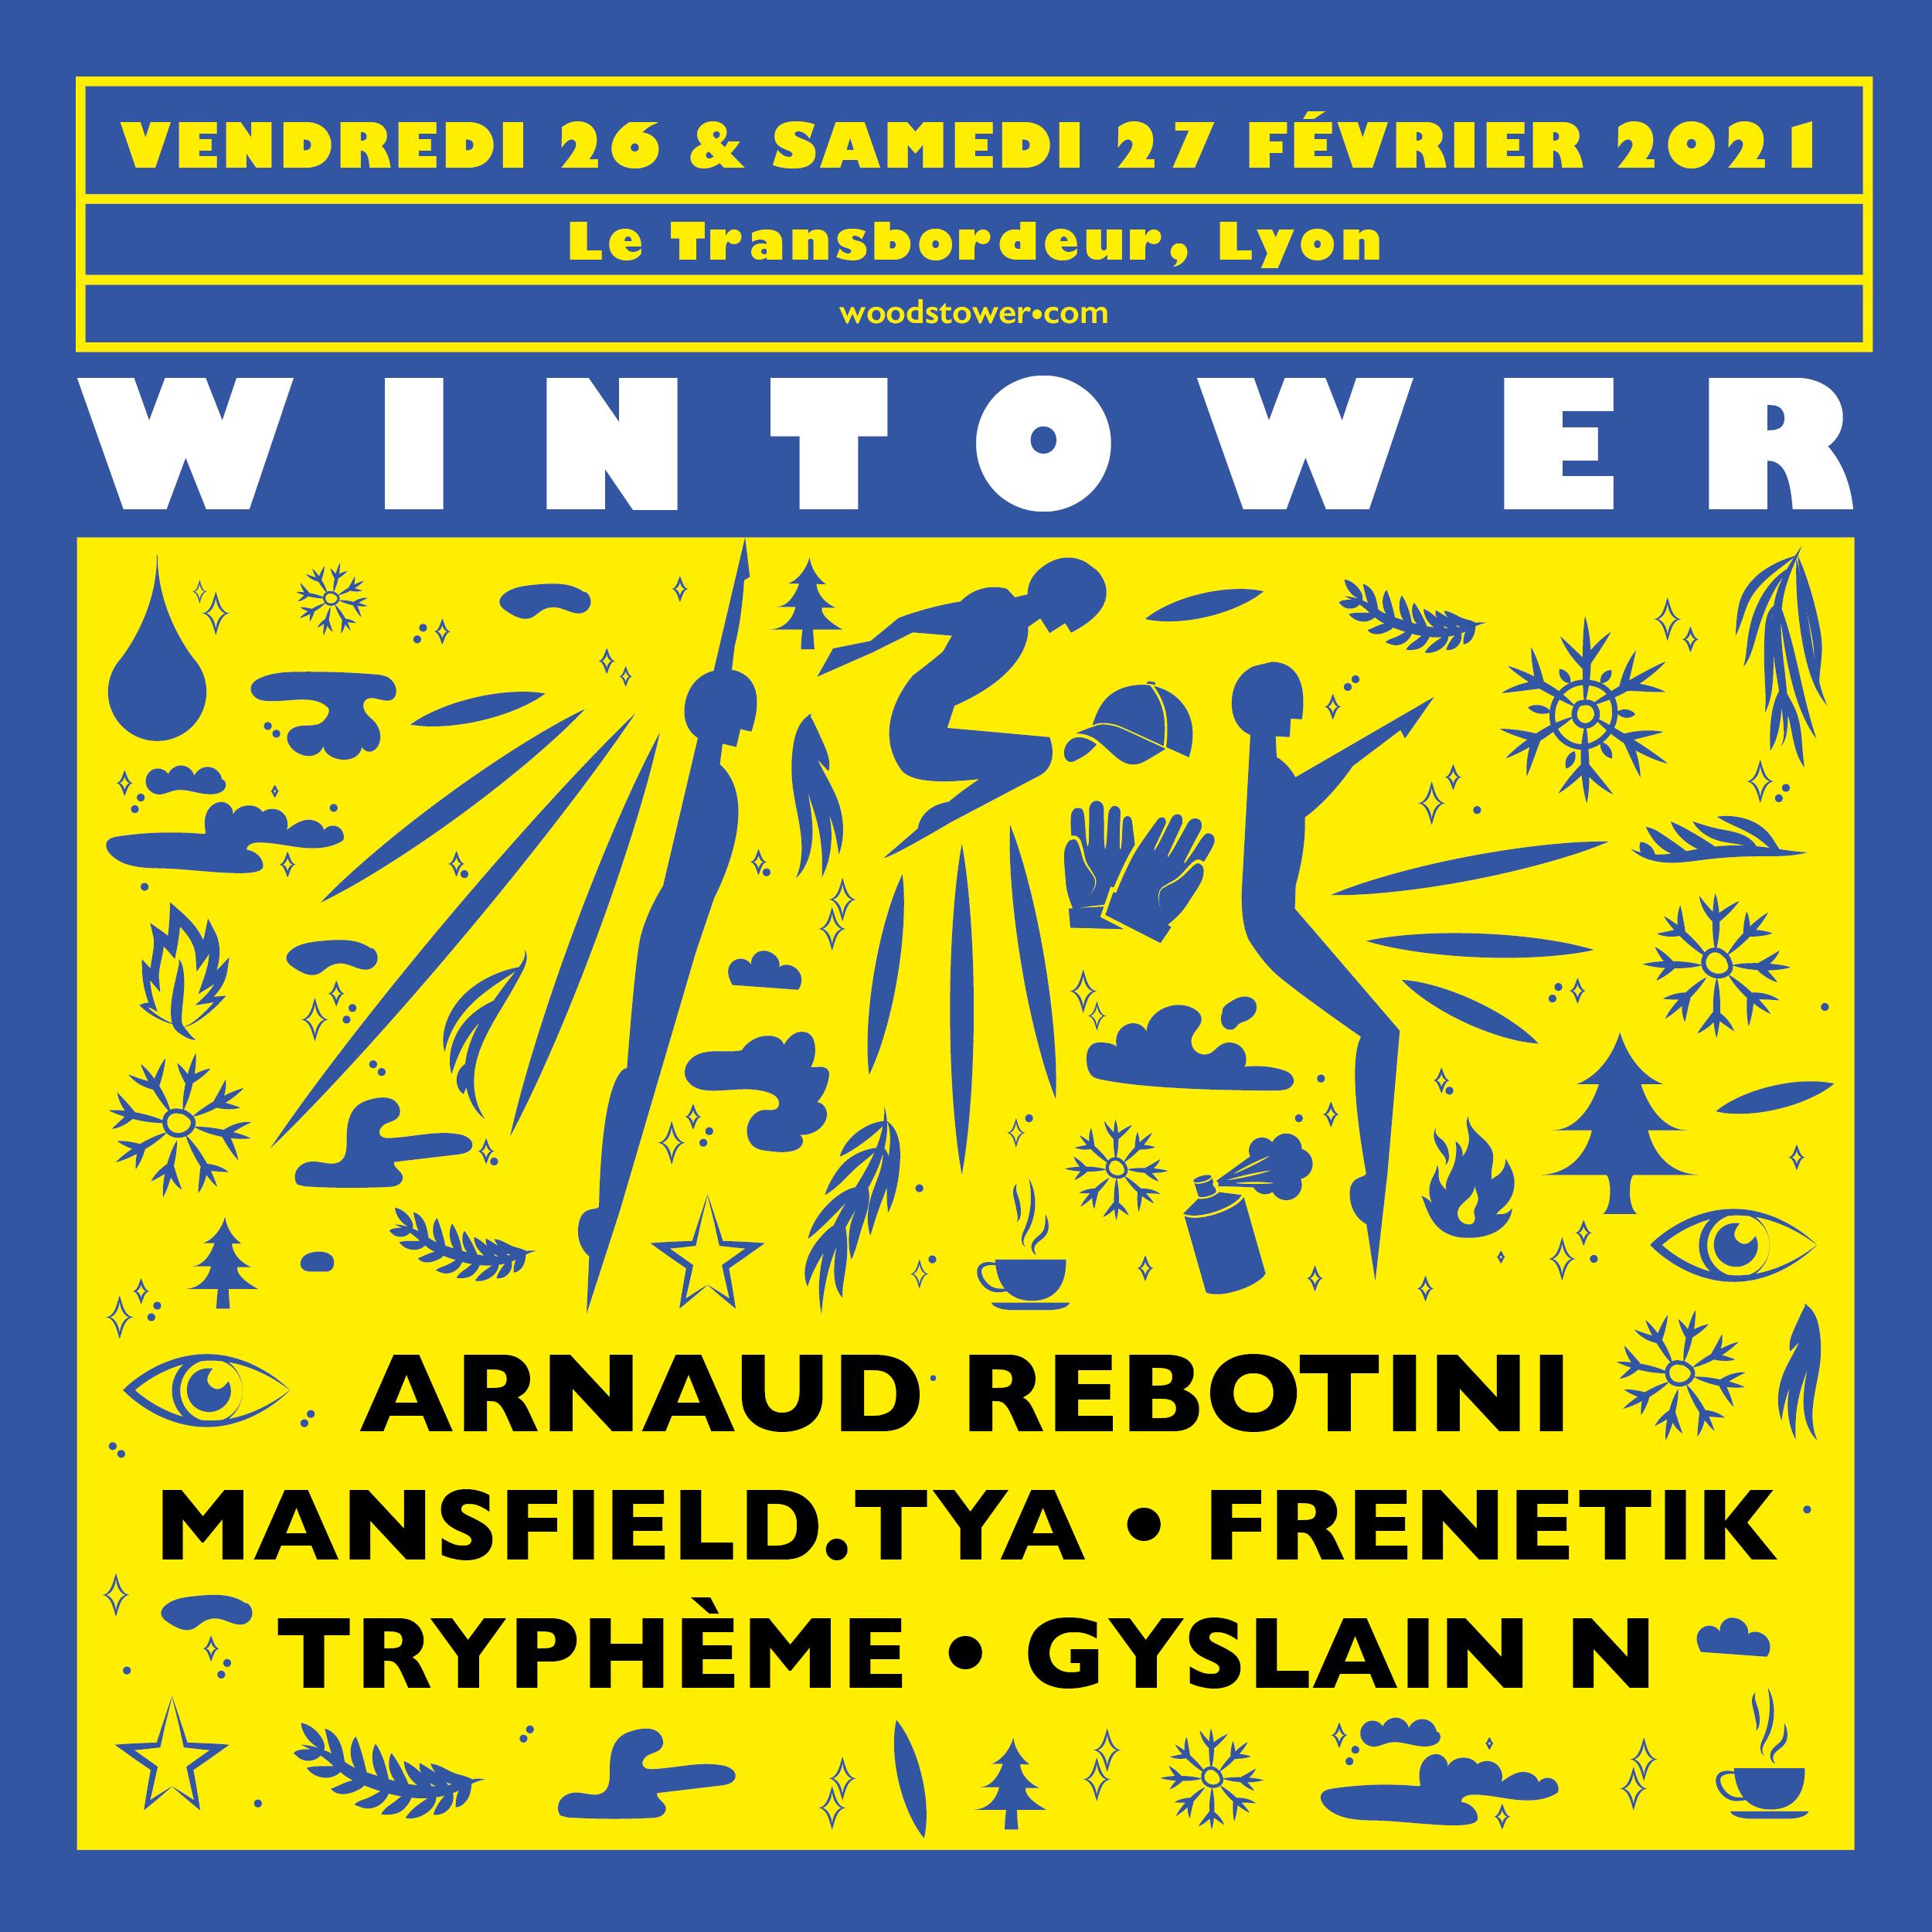 FESTIVAL WINTOWER DE RETOUR LES 26 & 27 FEVRIER 2021 !